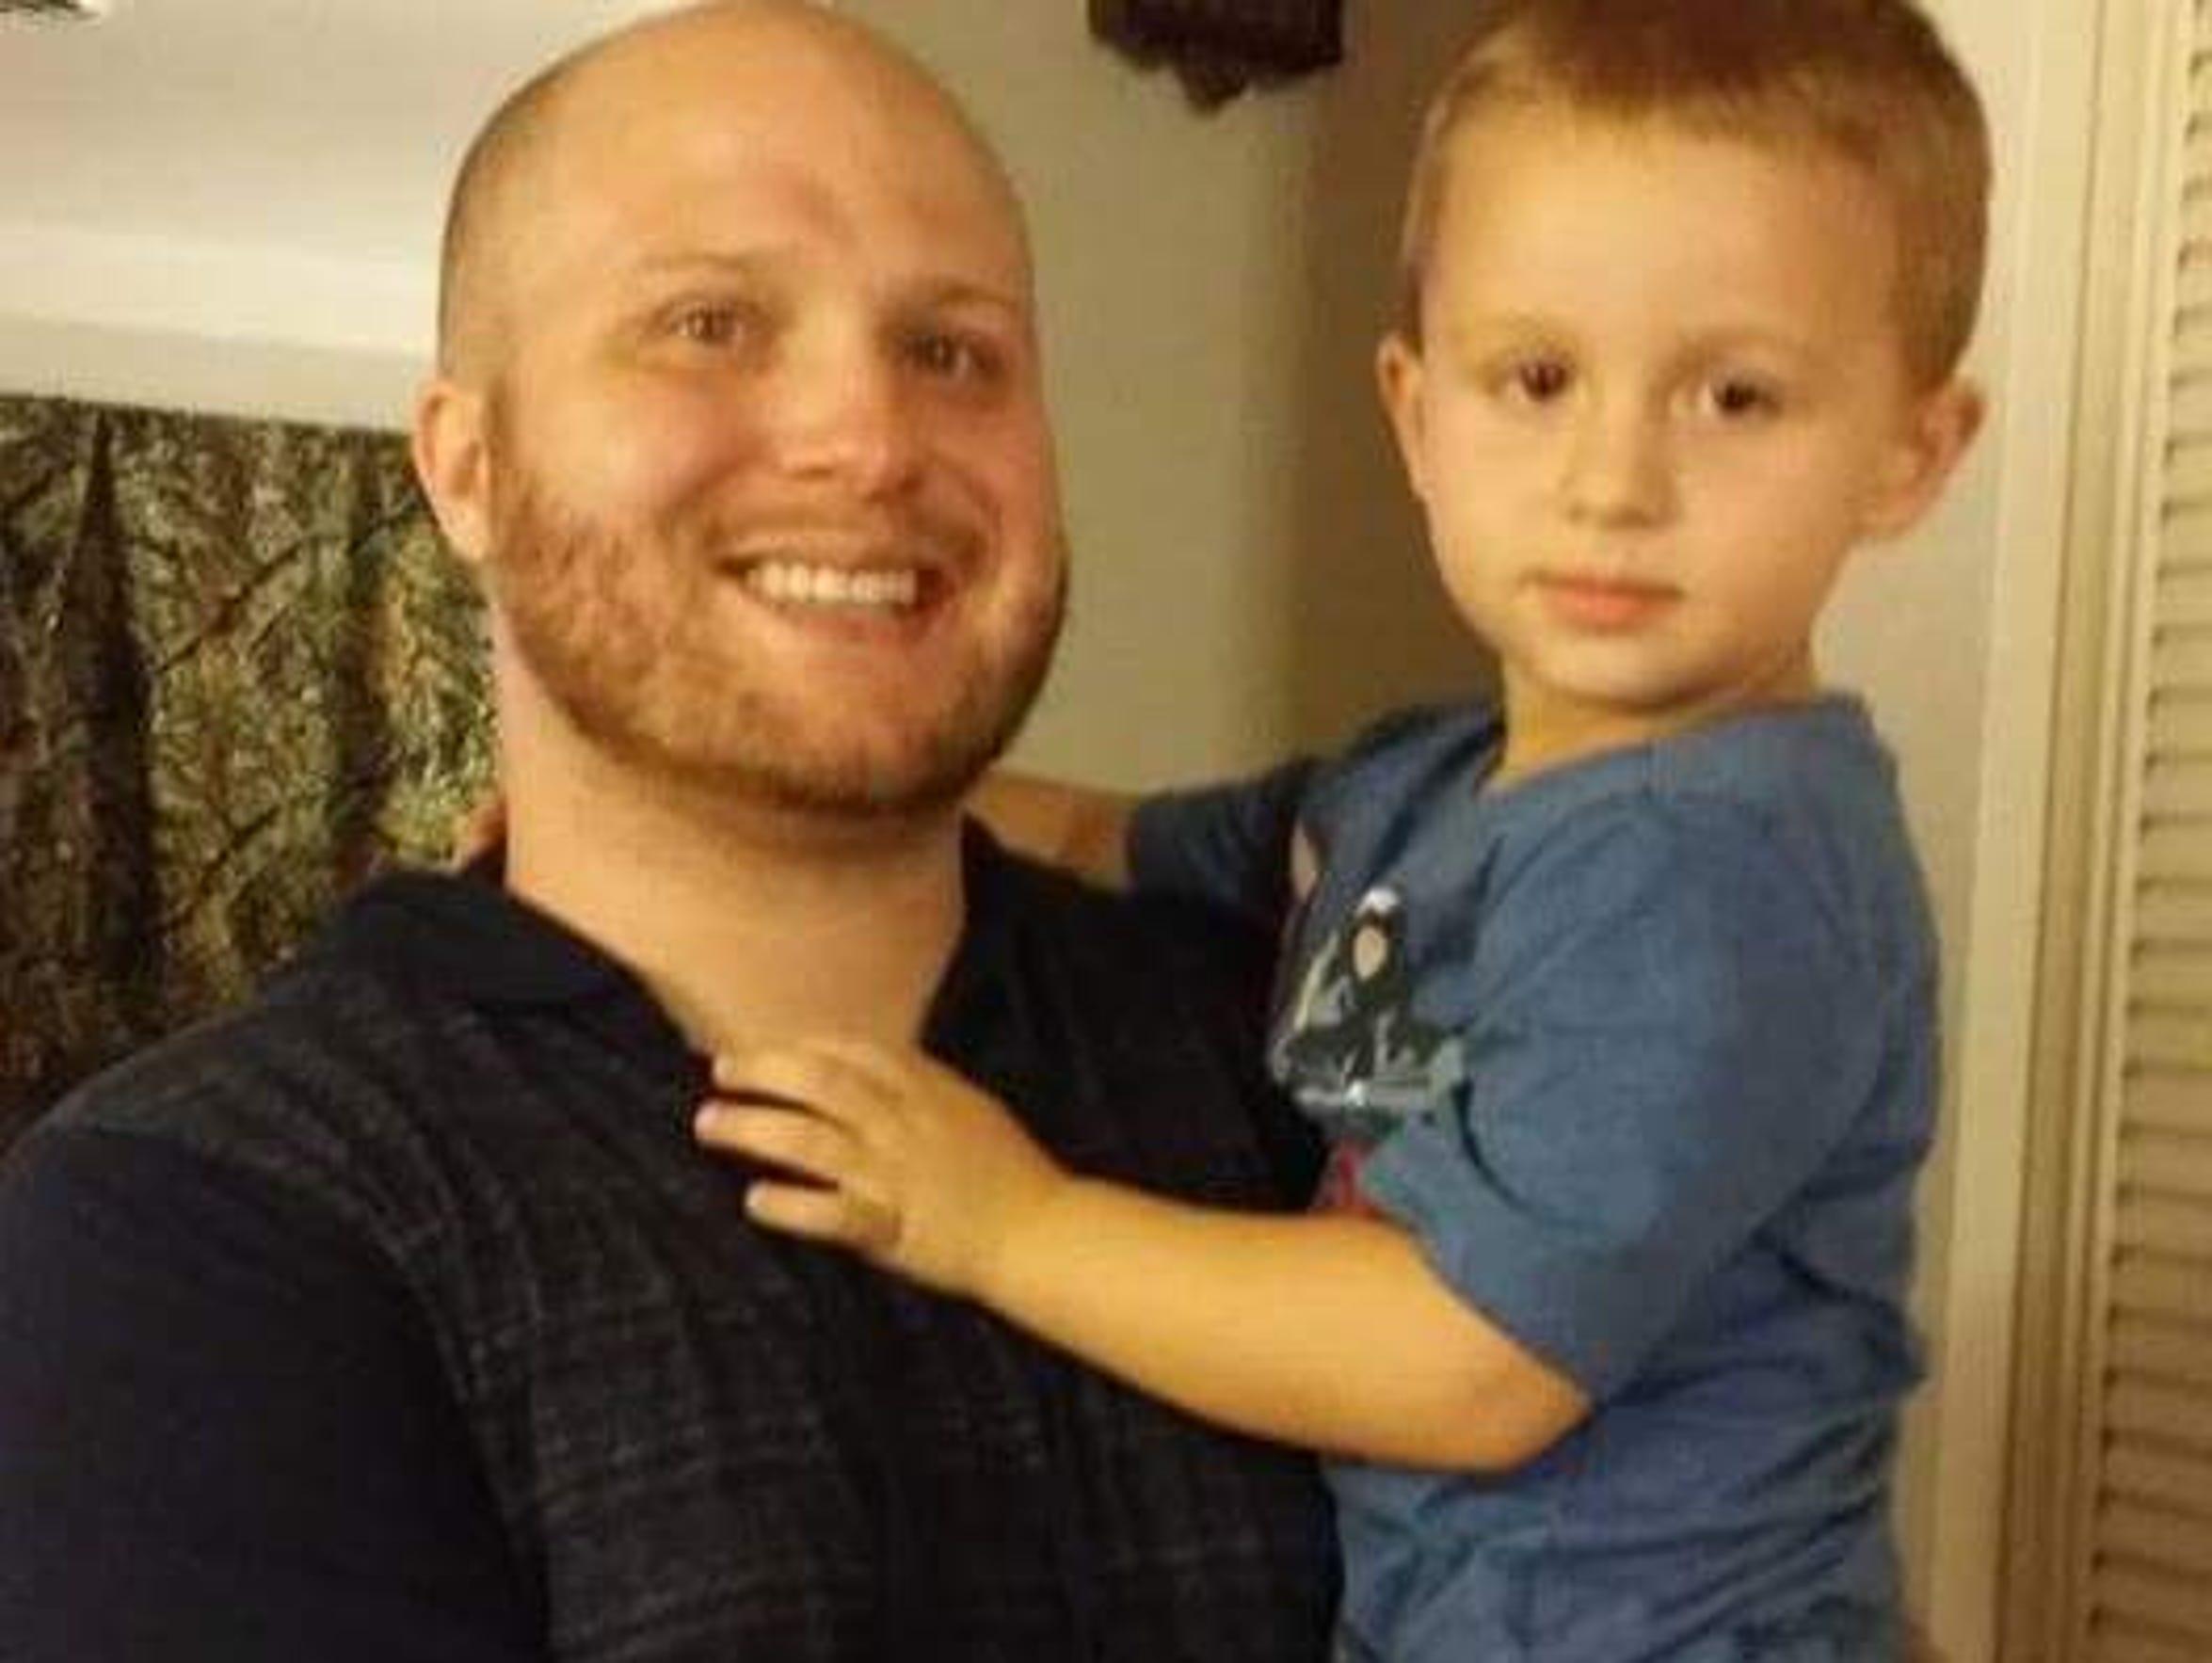 Chase Guysinger holds his son Conner David Guysinger.